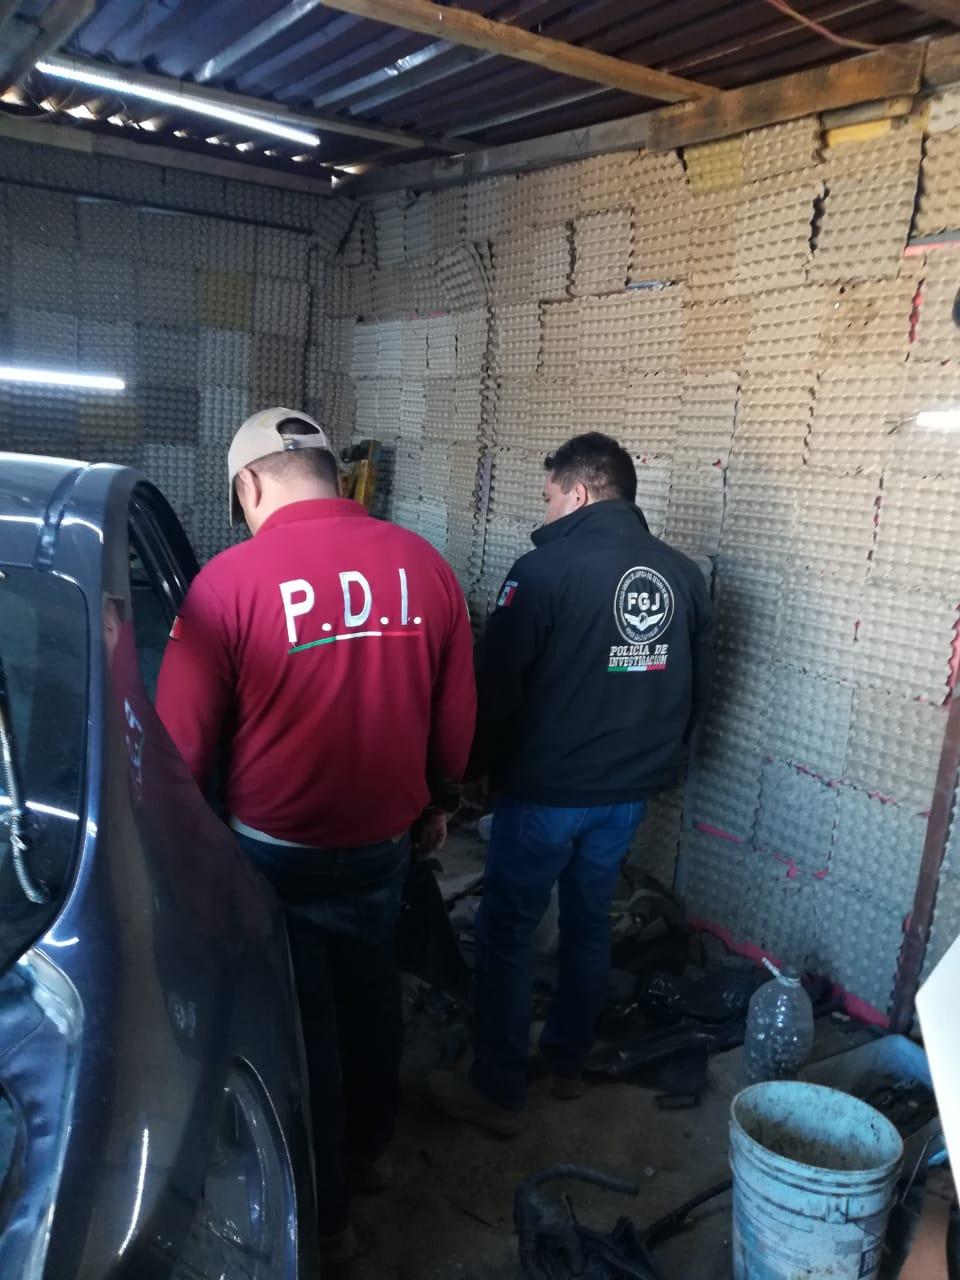 Catean inmueble en Cuautitlán Izcalli en donde fueron recuperados dos vehículos con reporte de robo